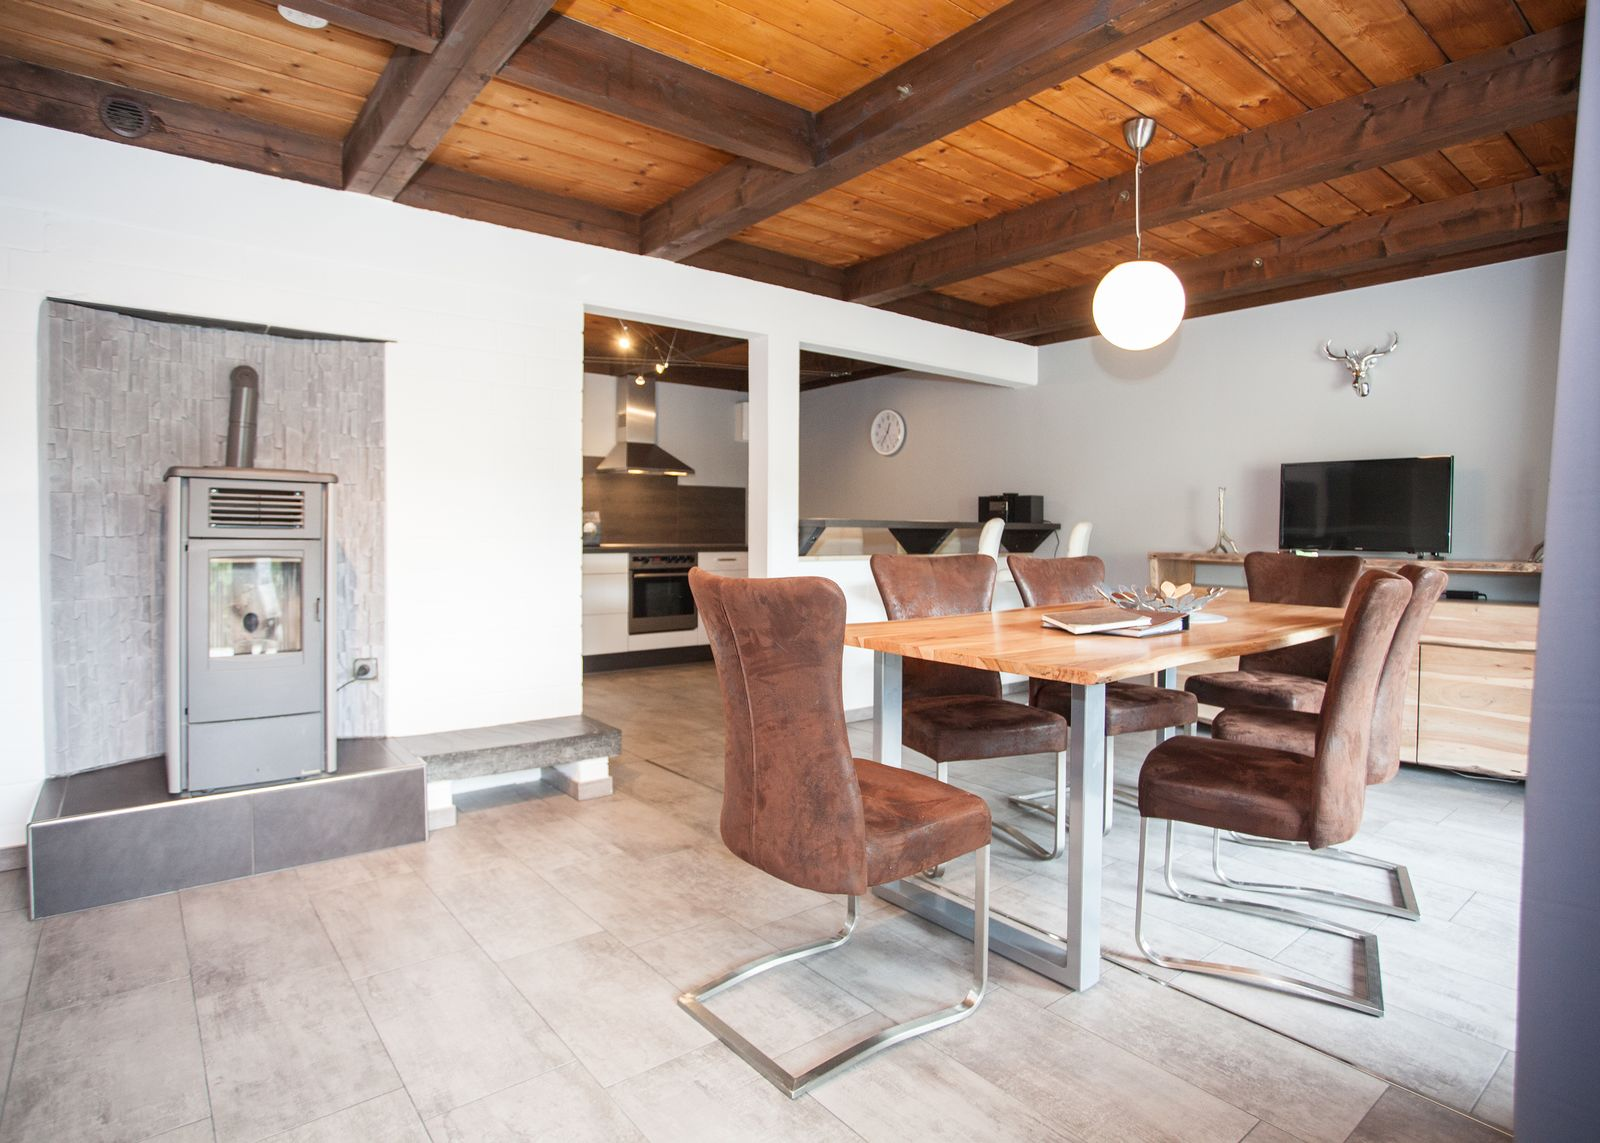 Bild von Ferienhaus - Margaritenweg 31-F